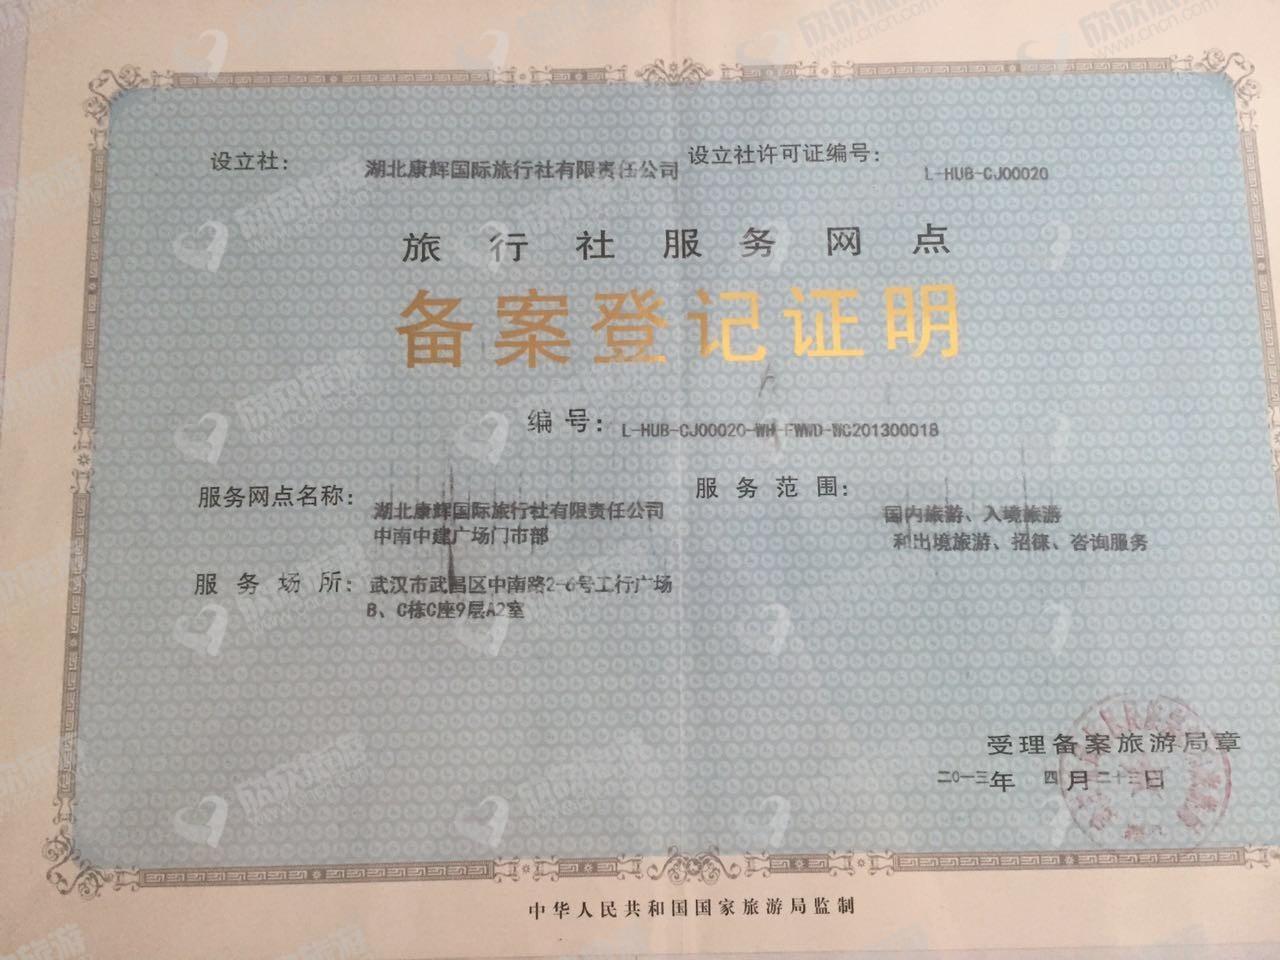 湖北康辉国际旅行社有限责任公司中南中建广场门市部经营许可证